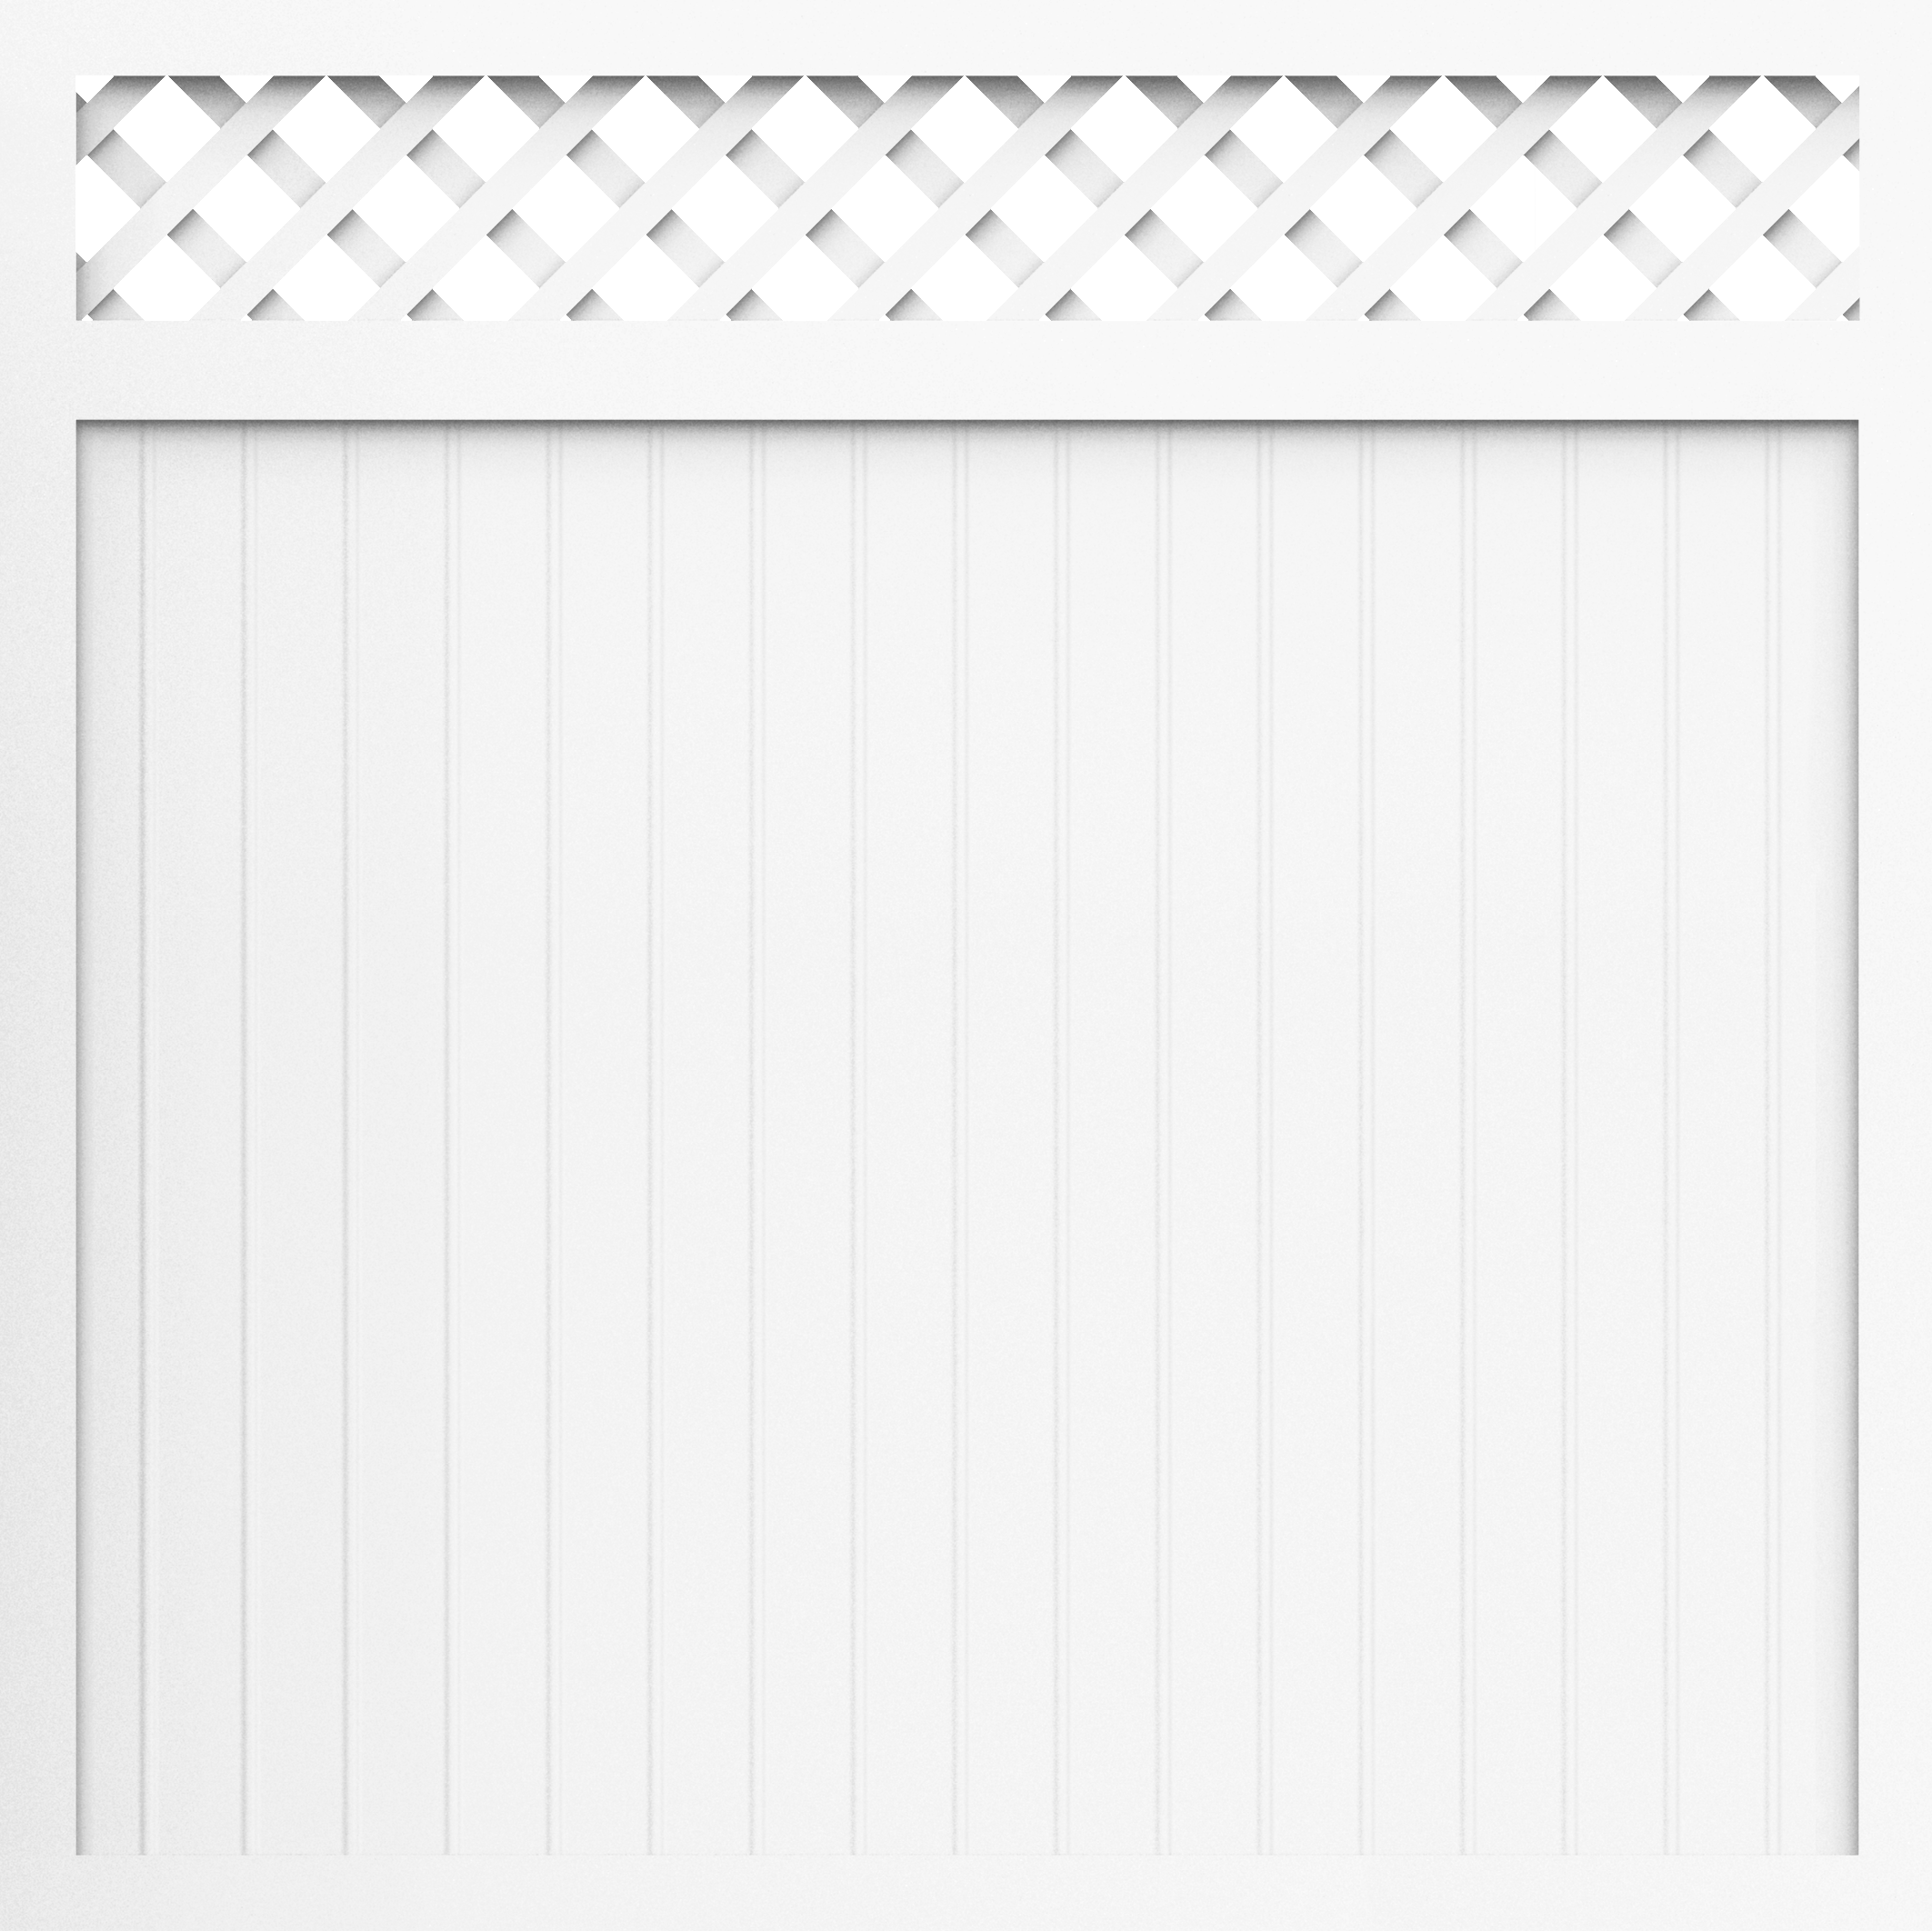 wundersch nen sichtschutzzaun kunststoff wei 180 180 einzigartige ideen zum sichtschutz. Black Bedroom Furniture Sets. Home Design Ideas